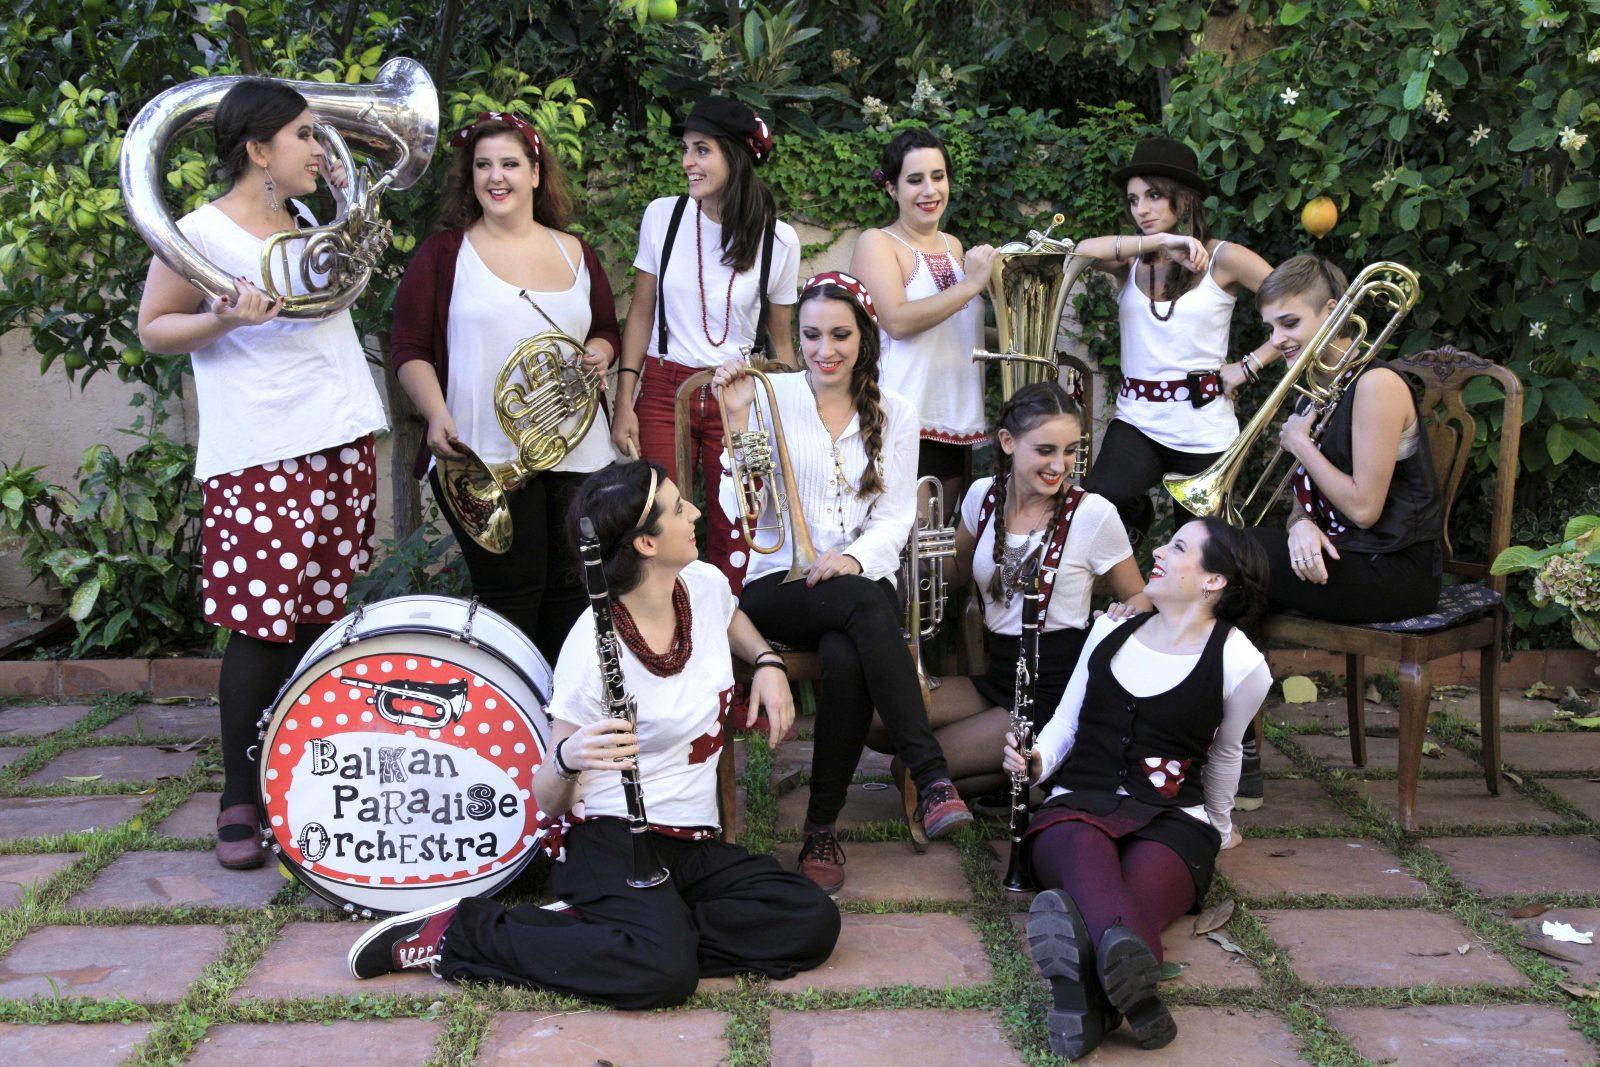 10- Balkan Paradise Orchestra